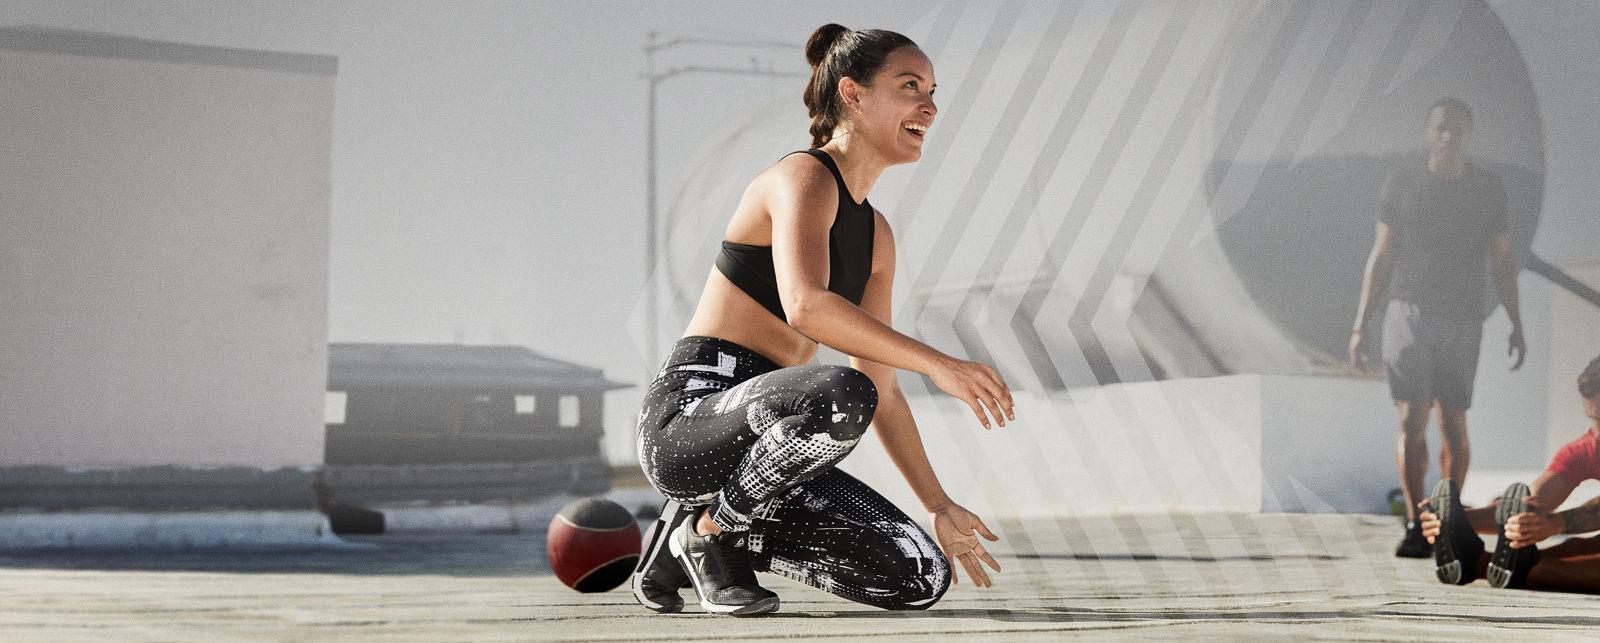 Для чего нужна компрессионная одежда для тренировок, для чего нужна компрессионная спортивная одежда